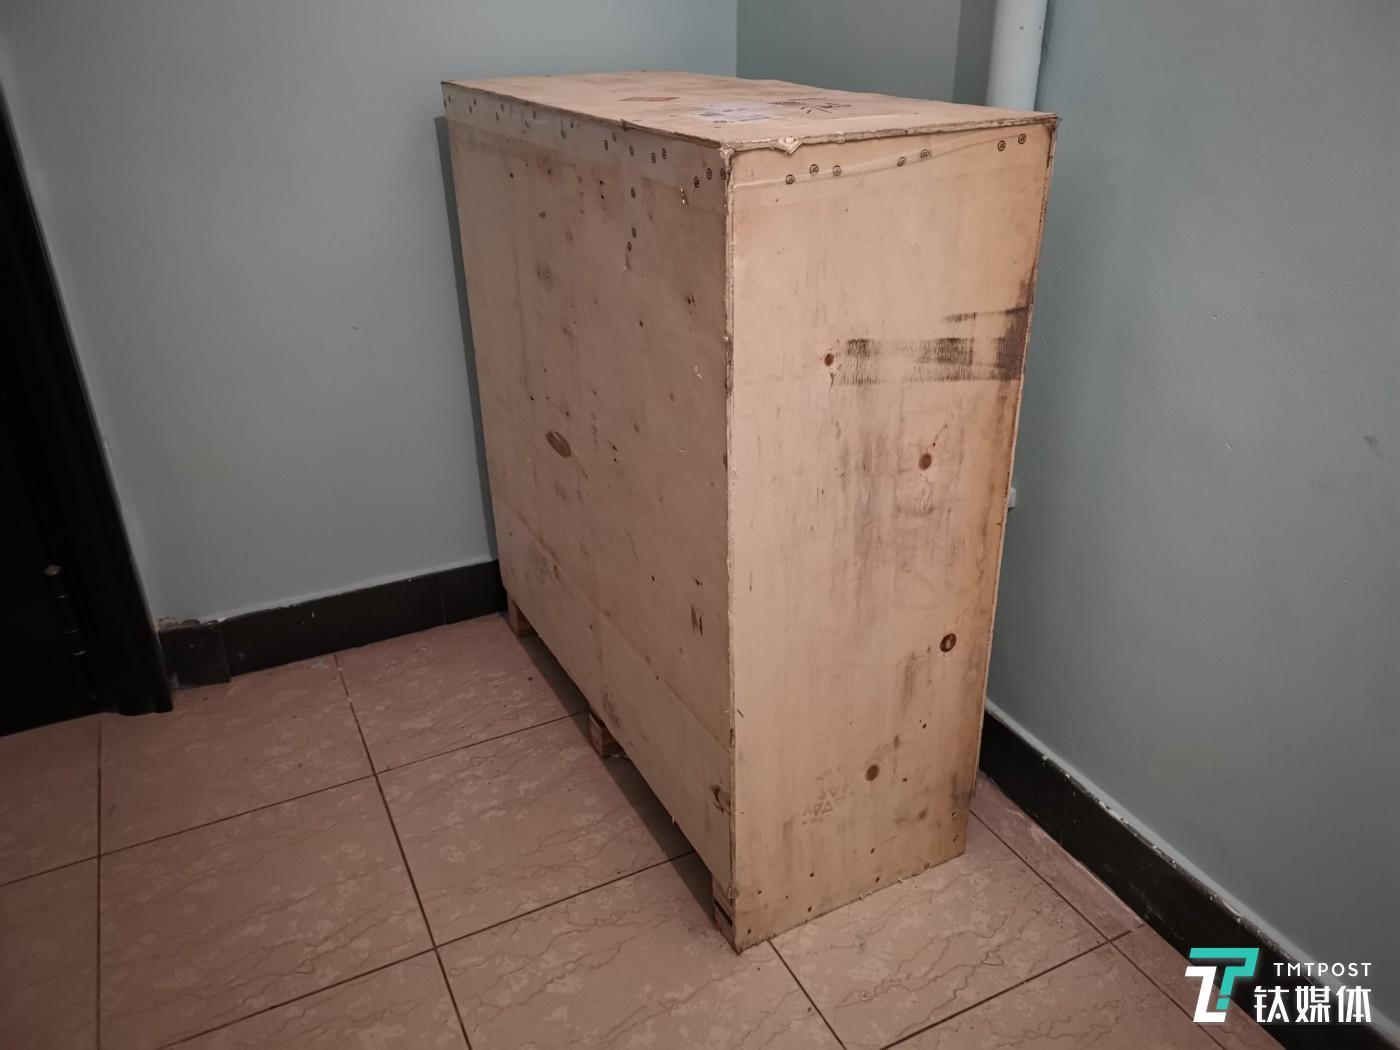 薄木板打造的包装箱体